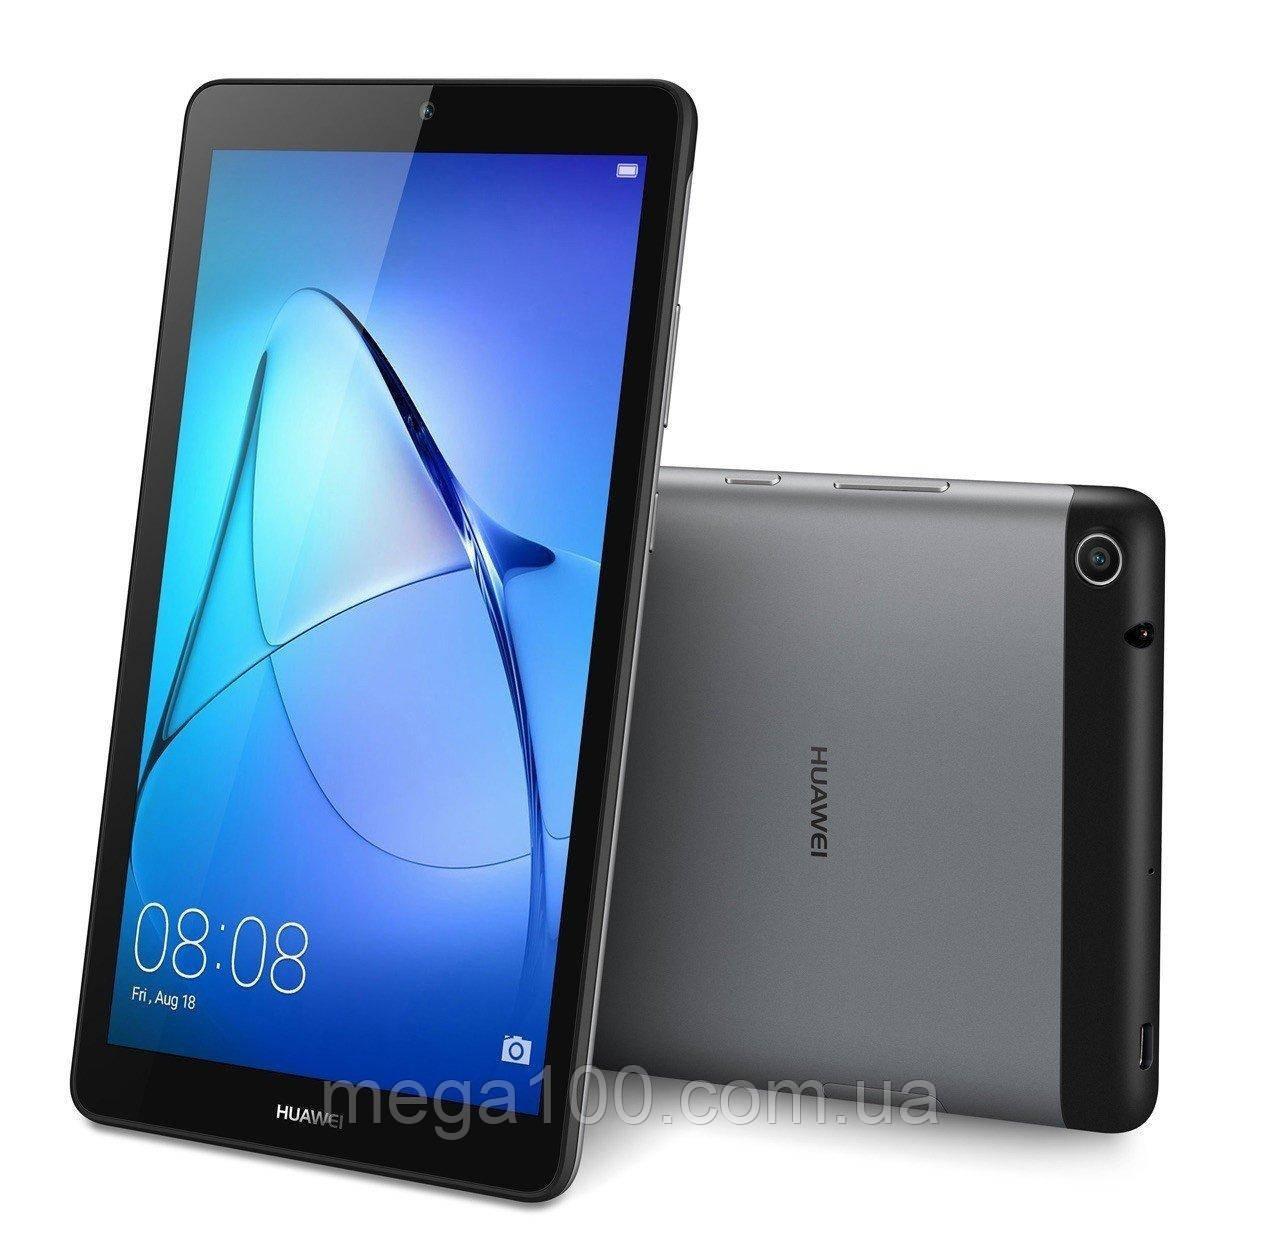 Планшет HUAWEI Honor MediaPad T3 (экран 7 дюймов; памяти 2/16; мощность батареи 3100 мАч)